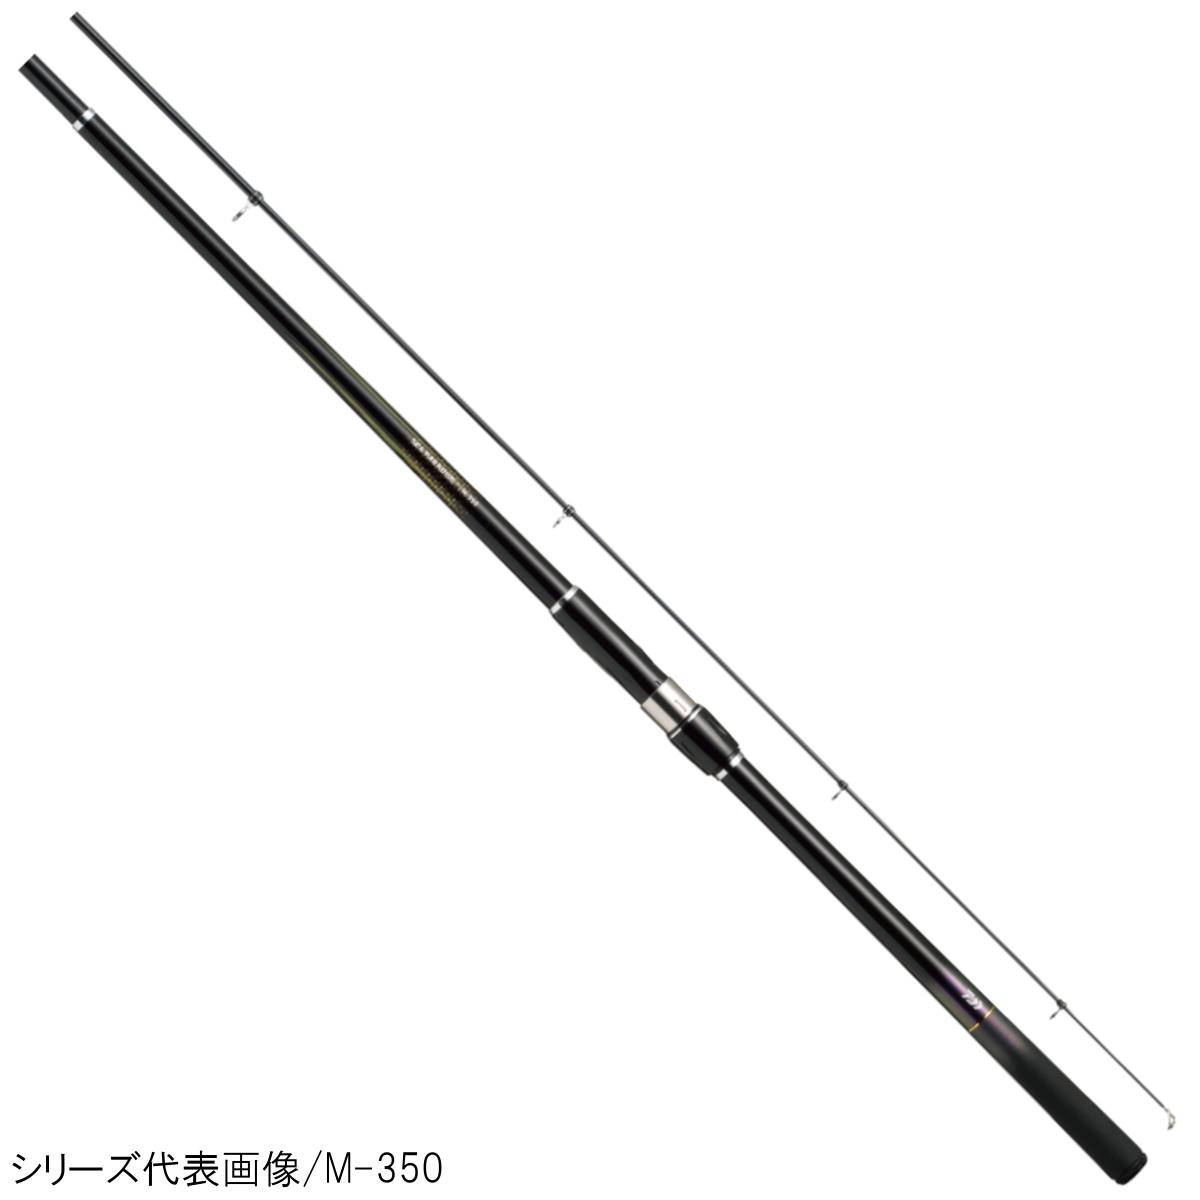 シーパラダイス M-400・E ダイワ【同梱不可】